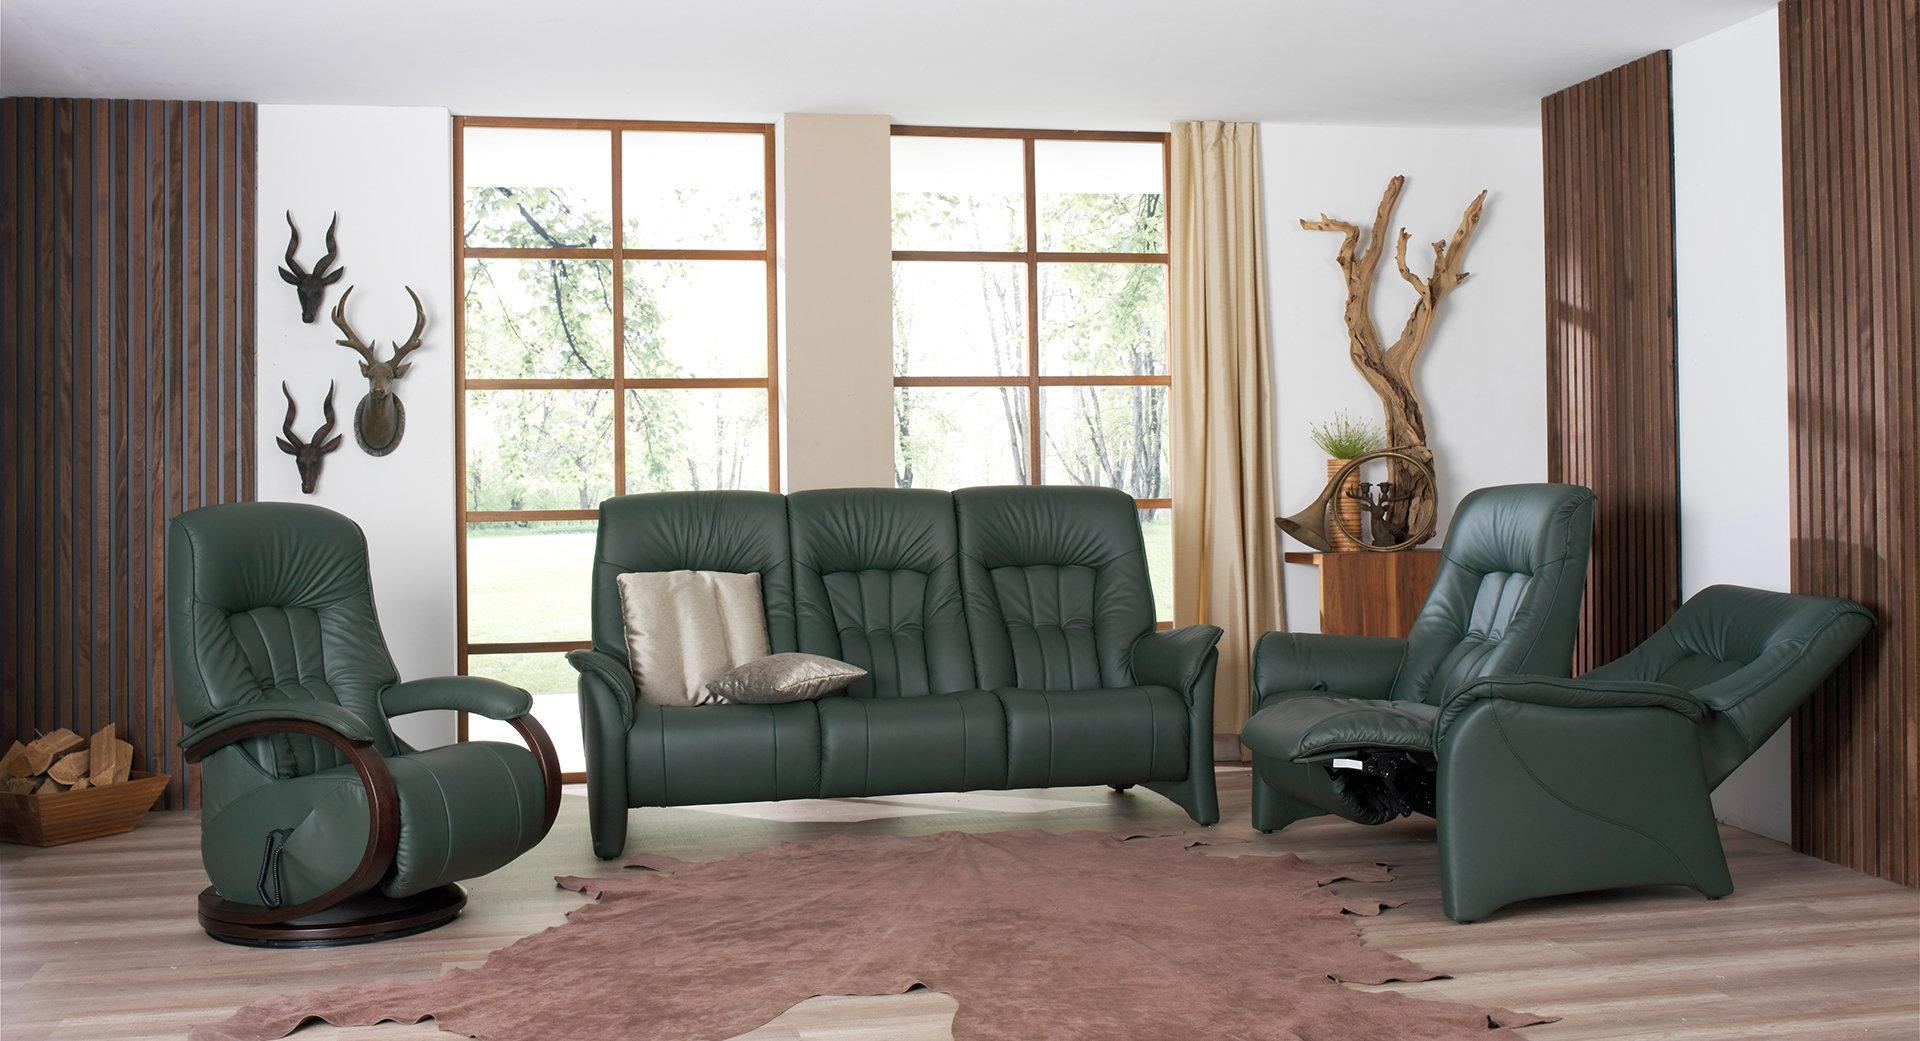 sofas de color verde en sala de estar